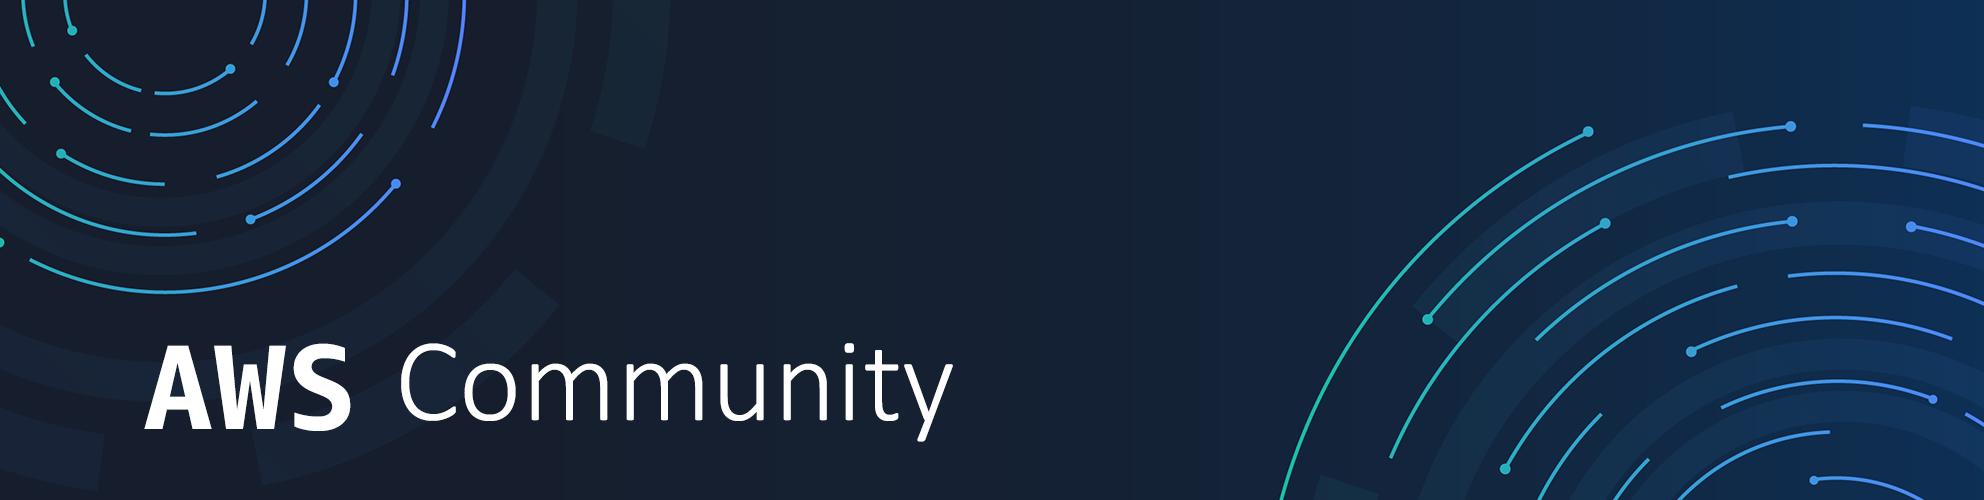 Developer-Center-Community